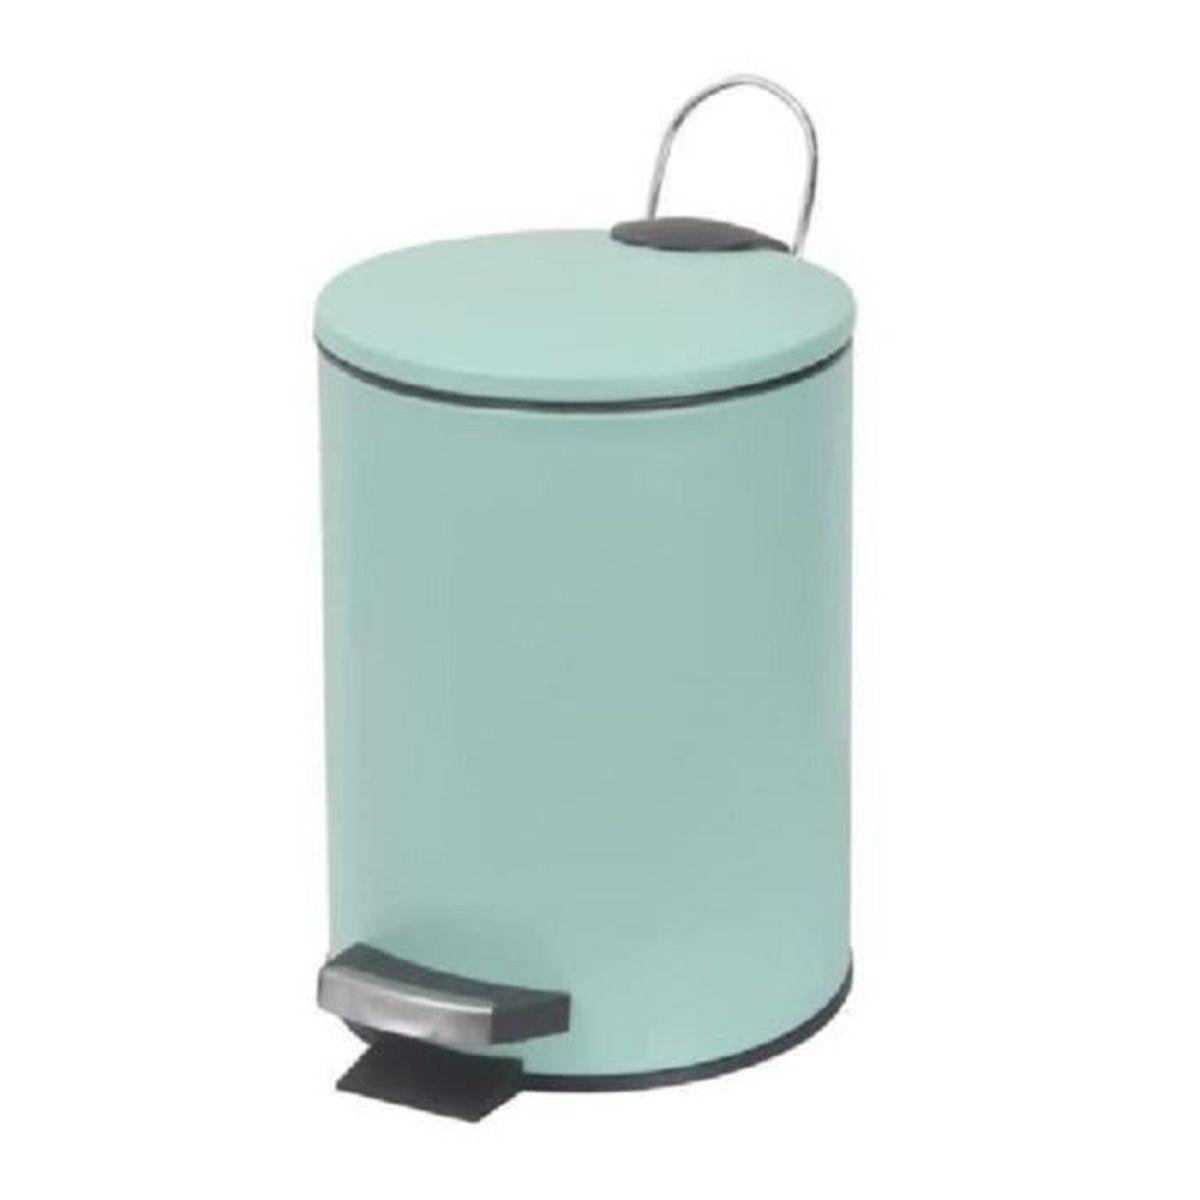 POUBELLE - CORBEILLE Poubelle à pédale-couvercle Vert d'eau mat - Dim :